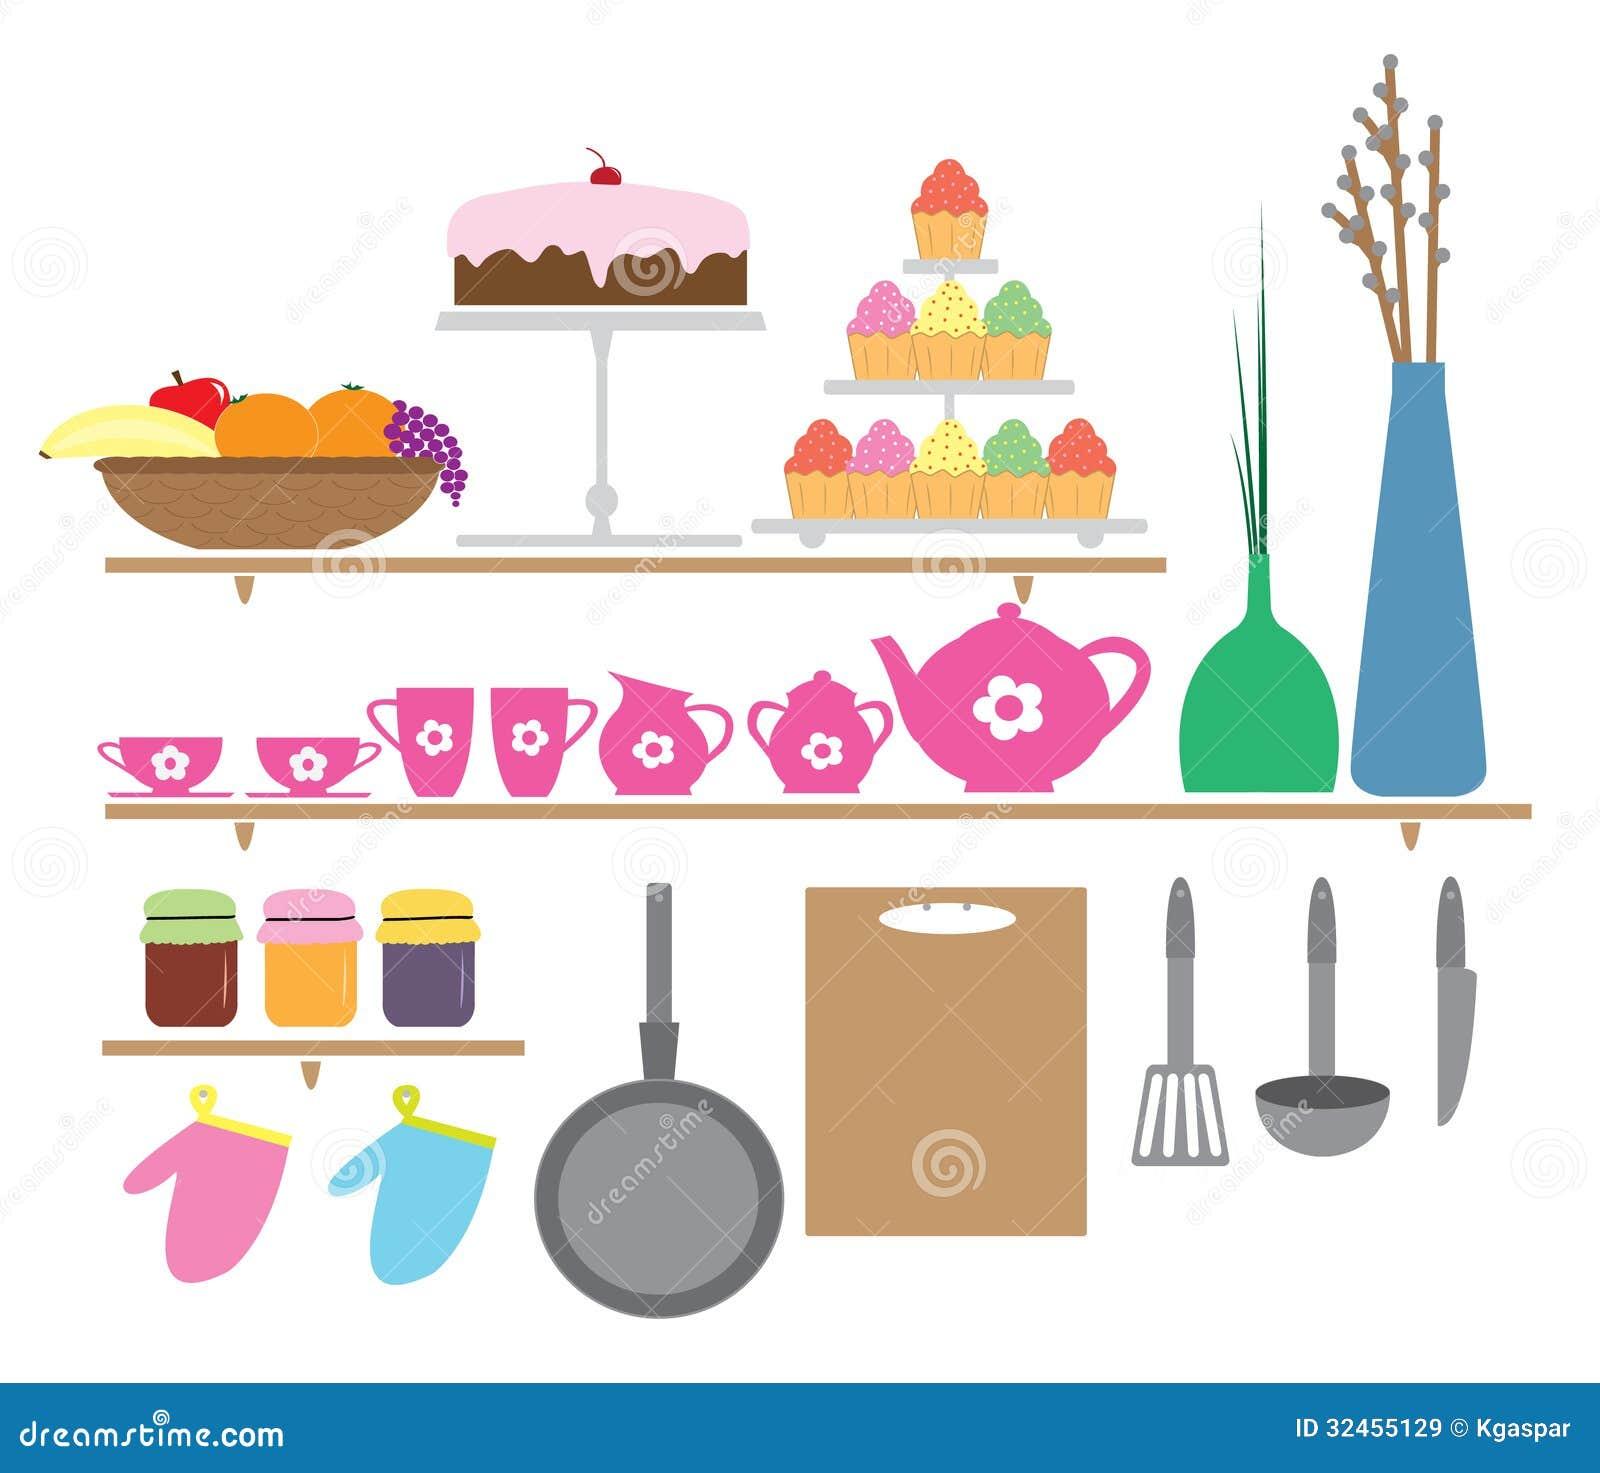 #B31862 Elementos Da Cozinha Estilo Dos Desenhos Animados Imagens de Stock  1300x1213 px Nova Cozinha Desenhos Imagens_617 Imagens